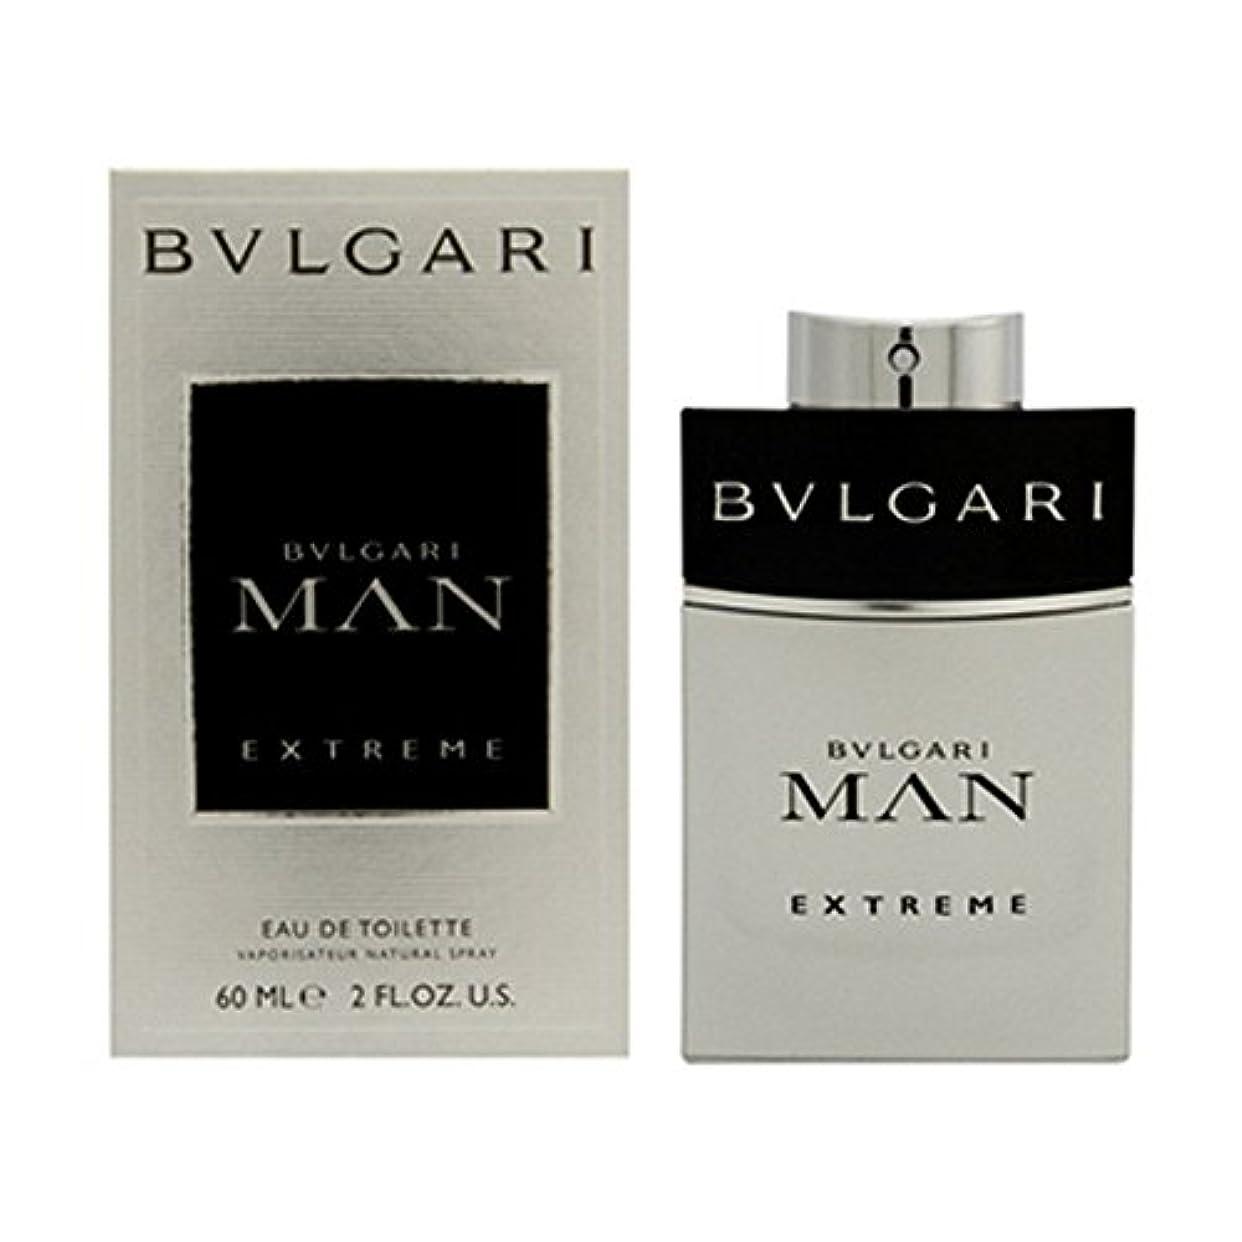 変形する魅力的合併ブルガリ BVLGARI ブルガリ マン エクストリーム EDT SP 60ml [並行輸入品]